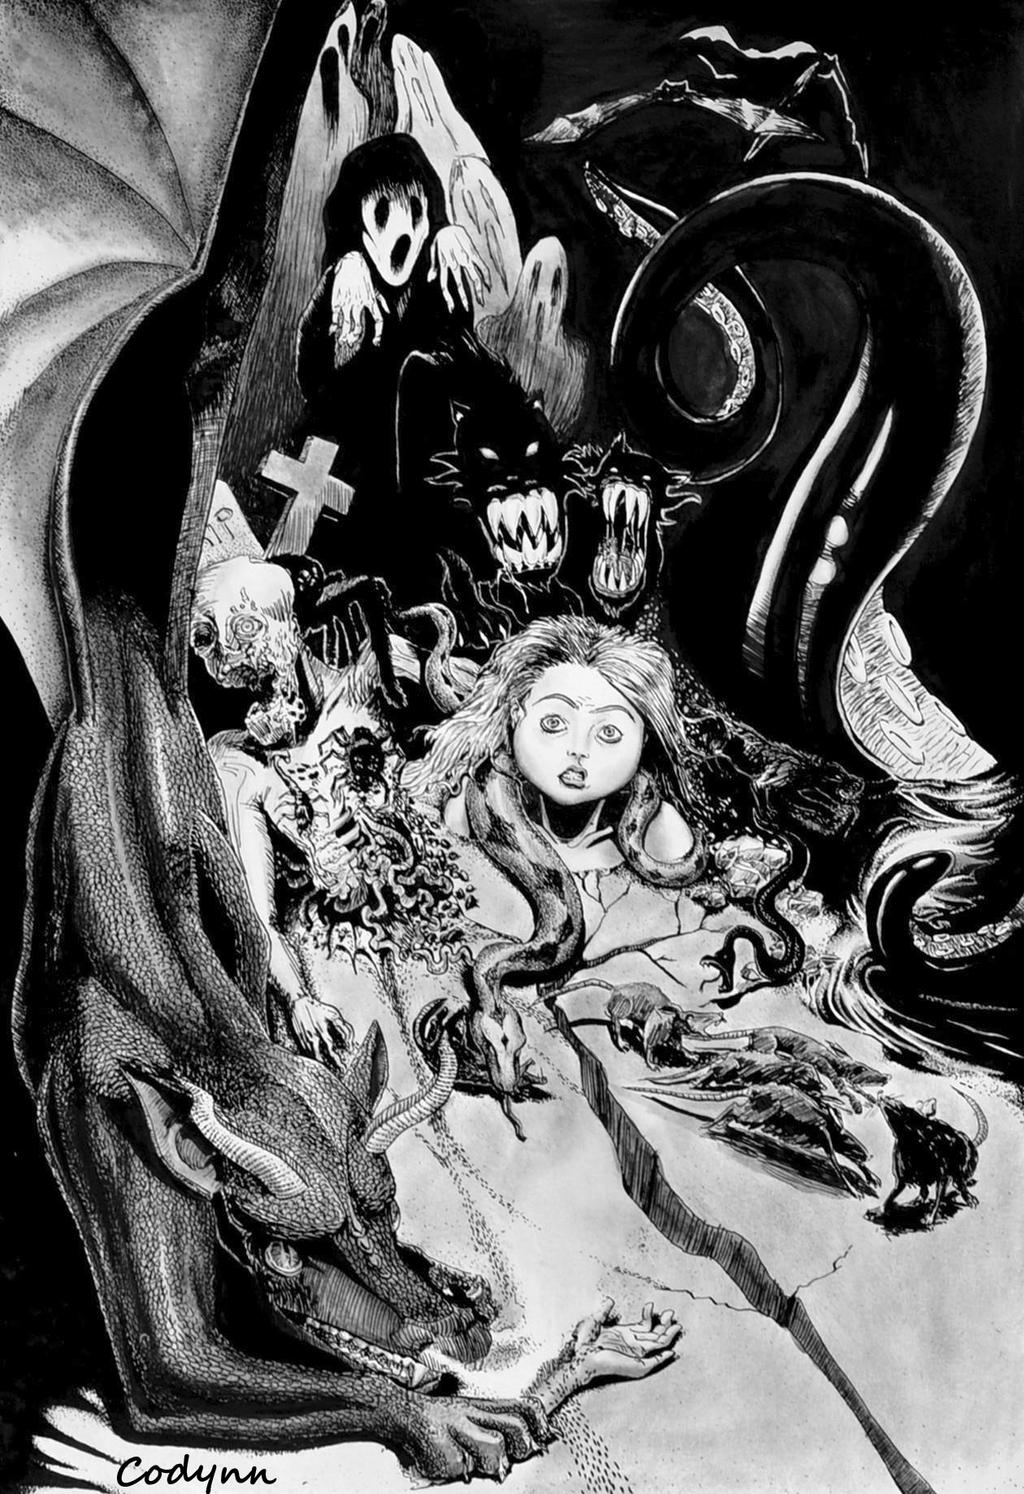 Cauchemar  - Nightmare by Codynn